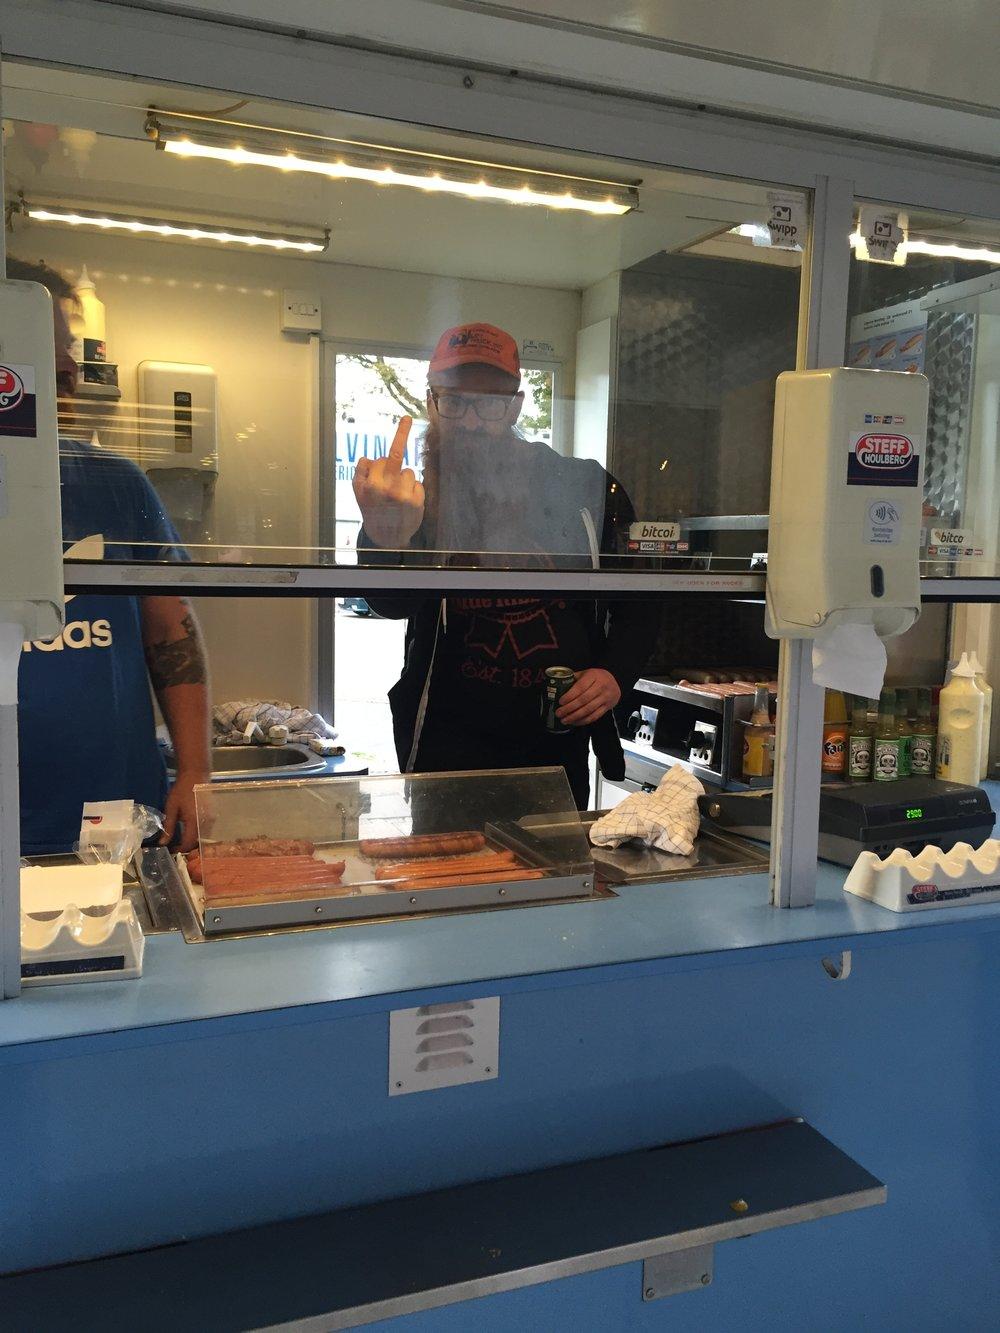 Joe inside Hot Dog John's hot dog stand.